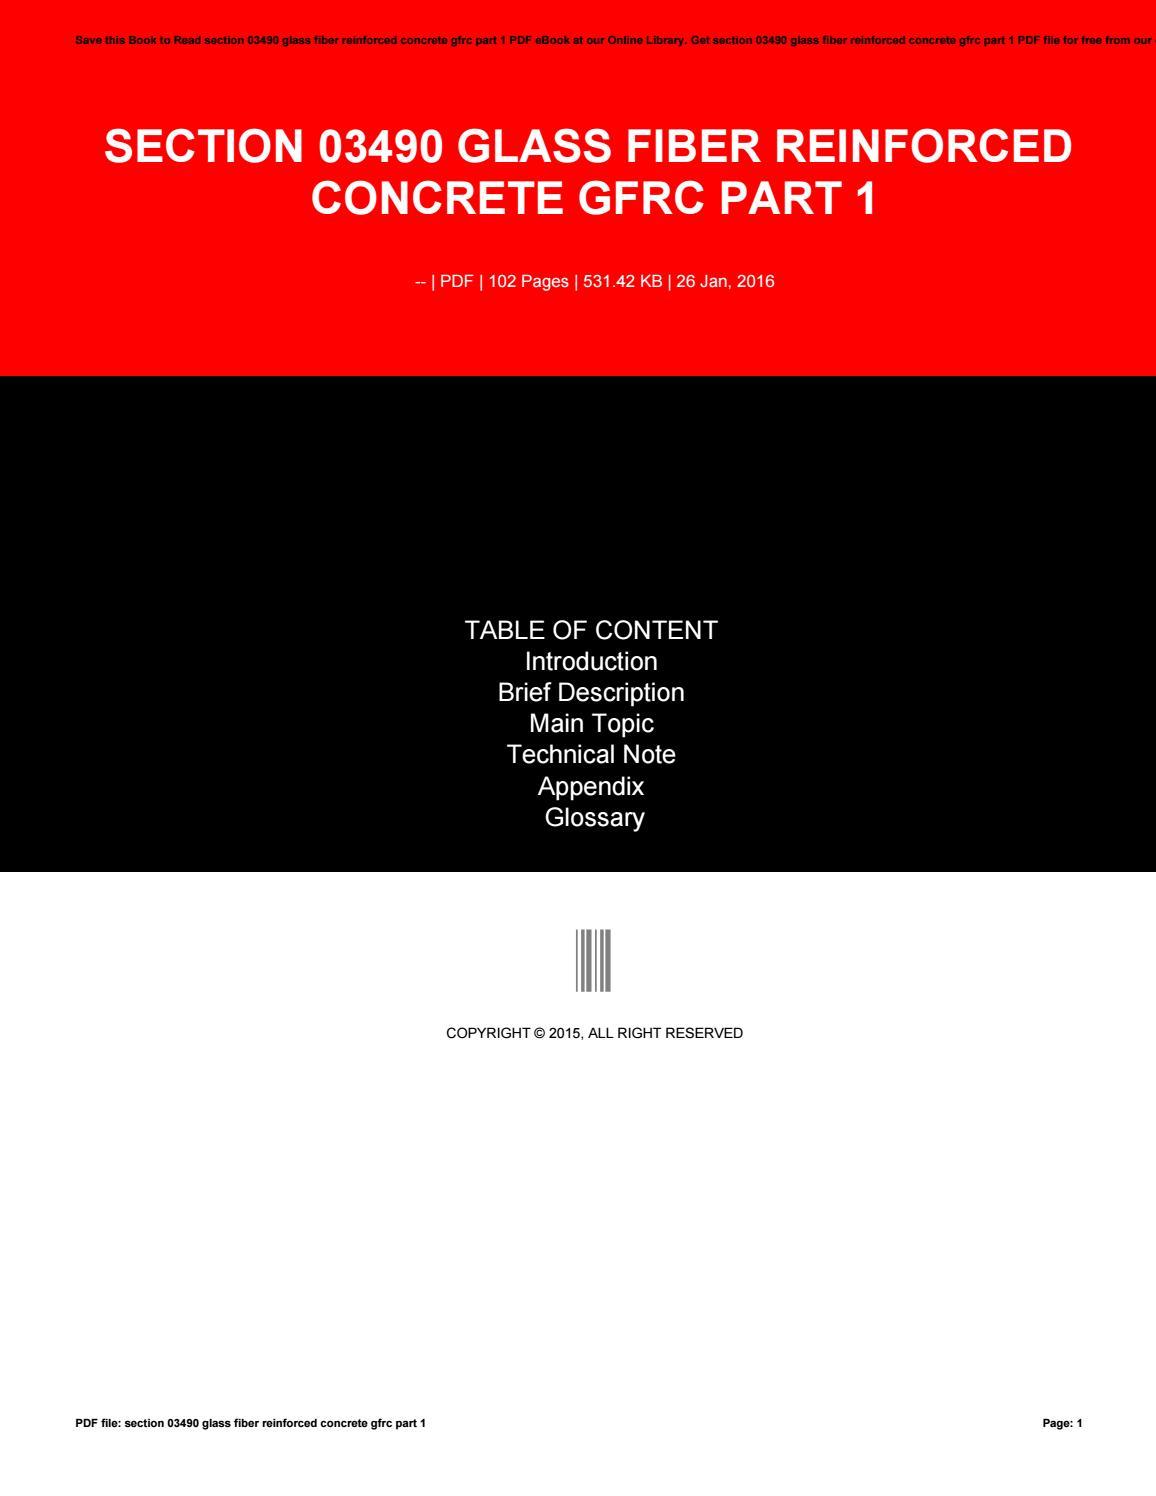 Section 03490 glass fiber reinforced concrete gfrc part 1 ...